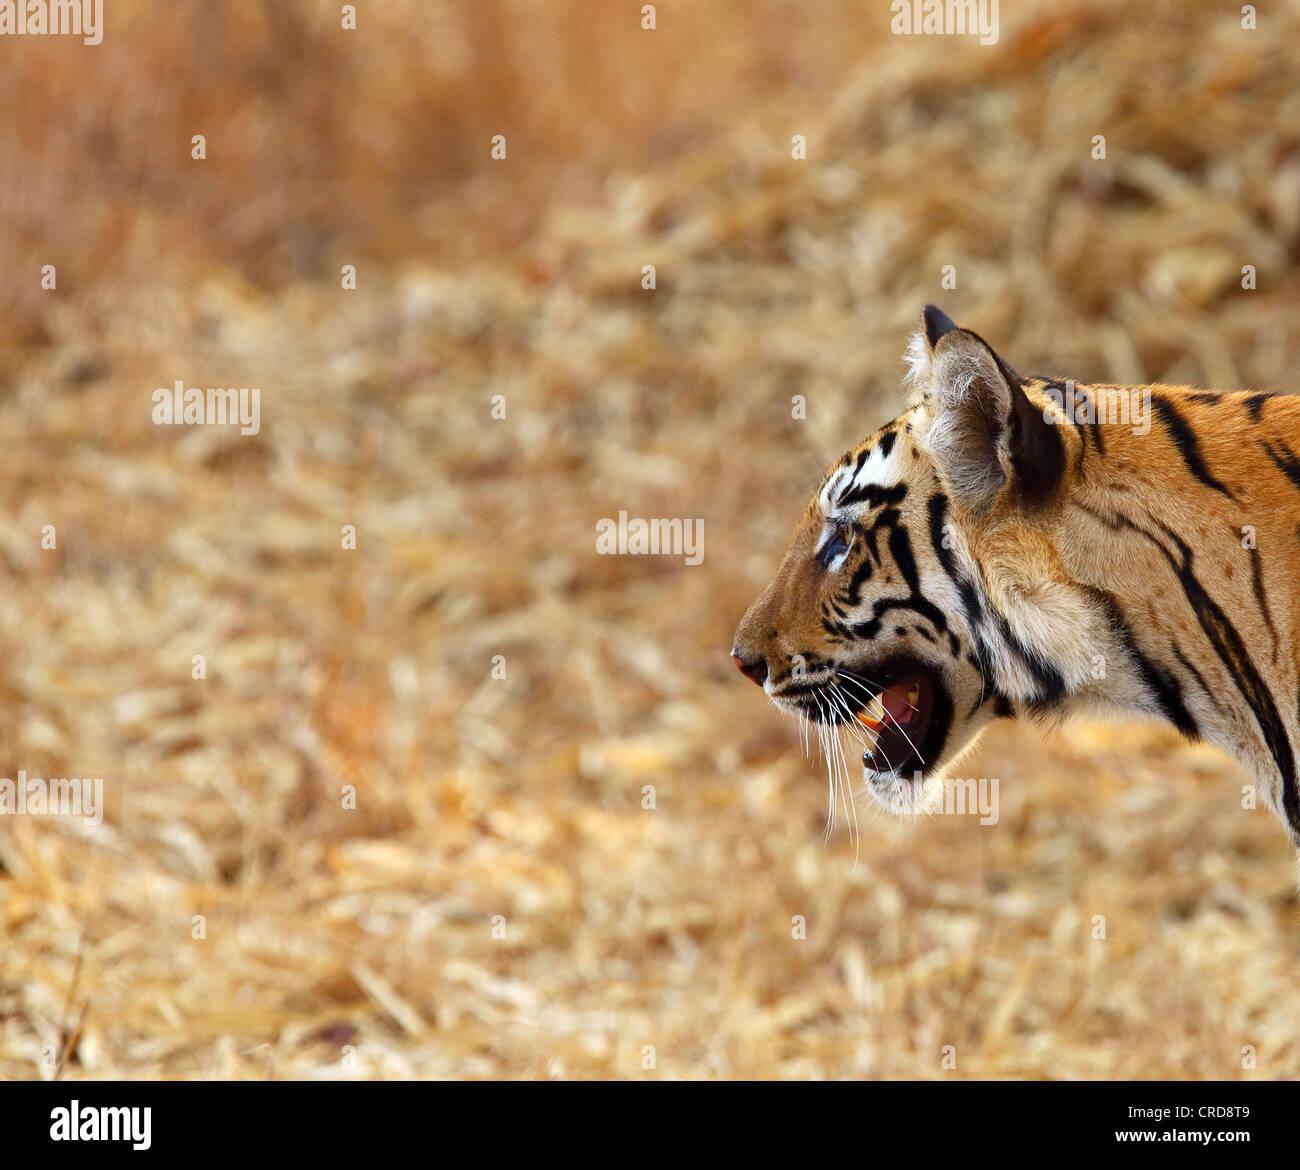 Jeune tigre du Bengale coller la tête - idéal pour mettre en fond d'écran PC. Photo Stock